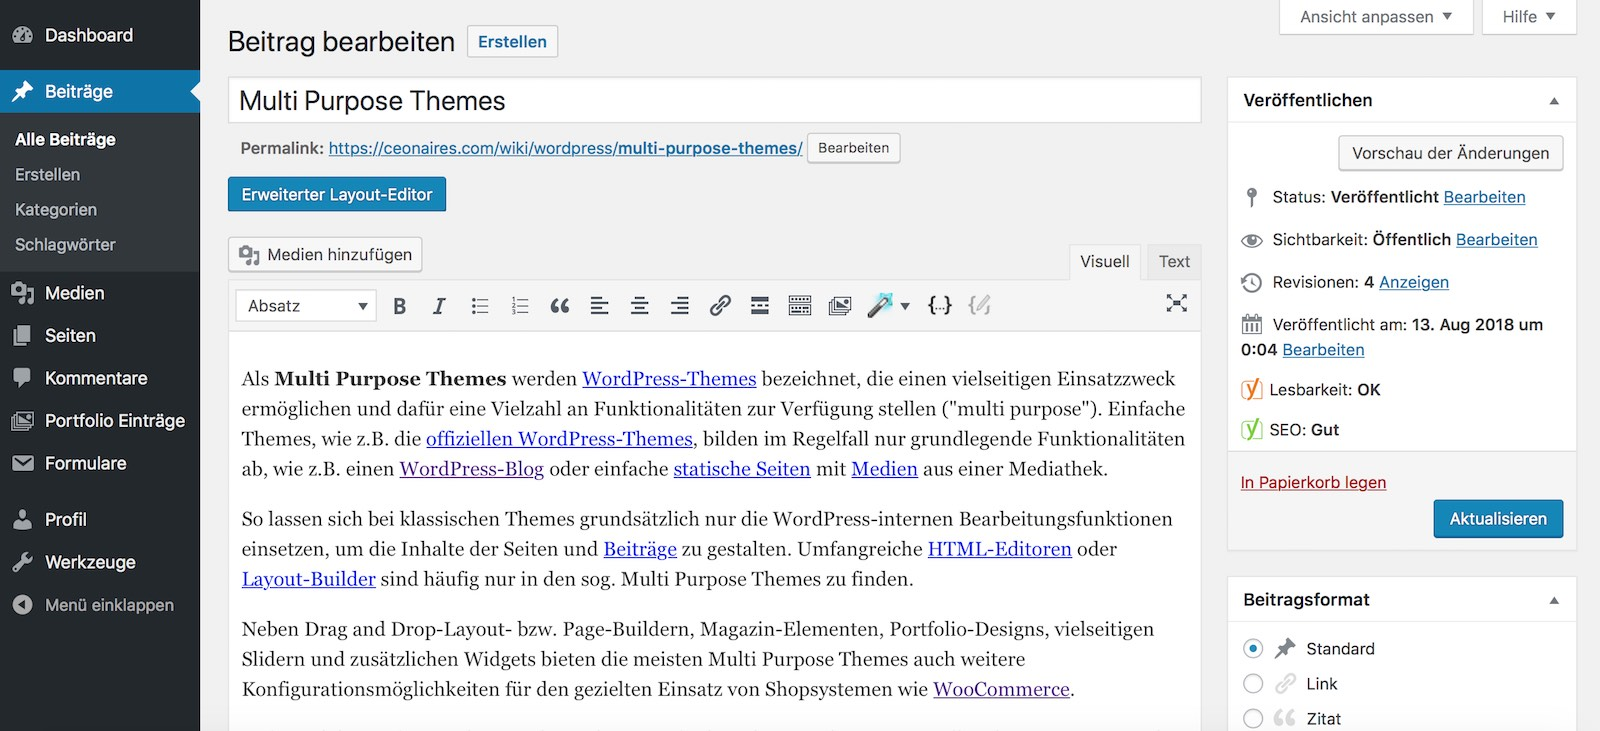 WordPress Beiträge im Beispiel